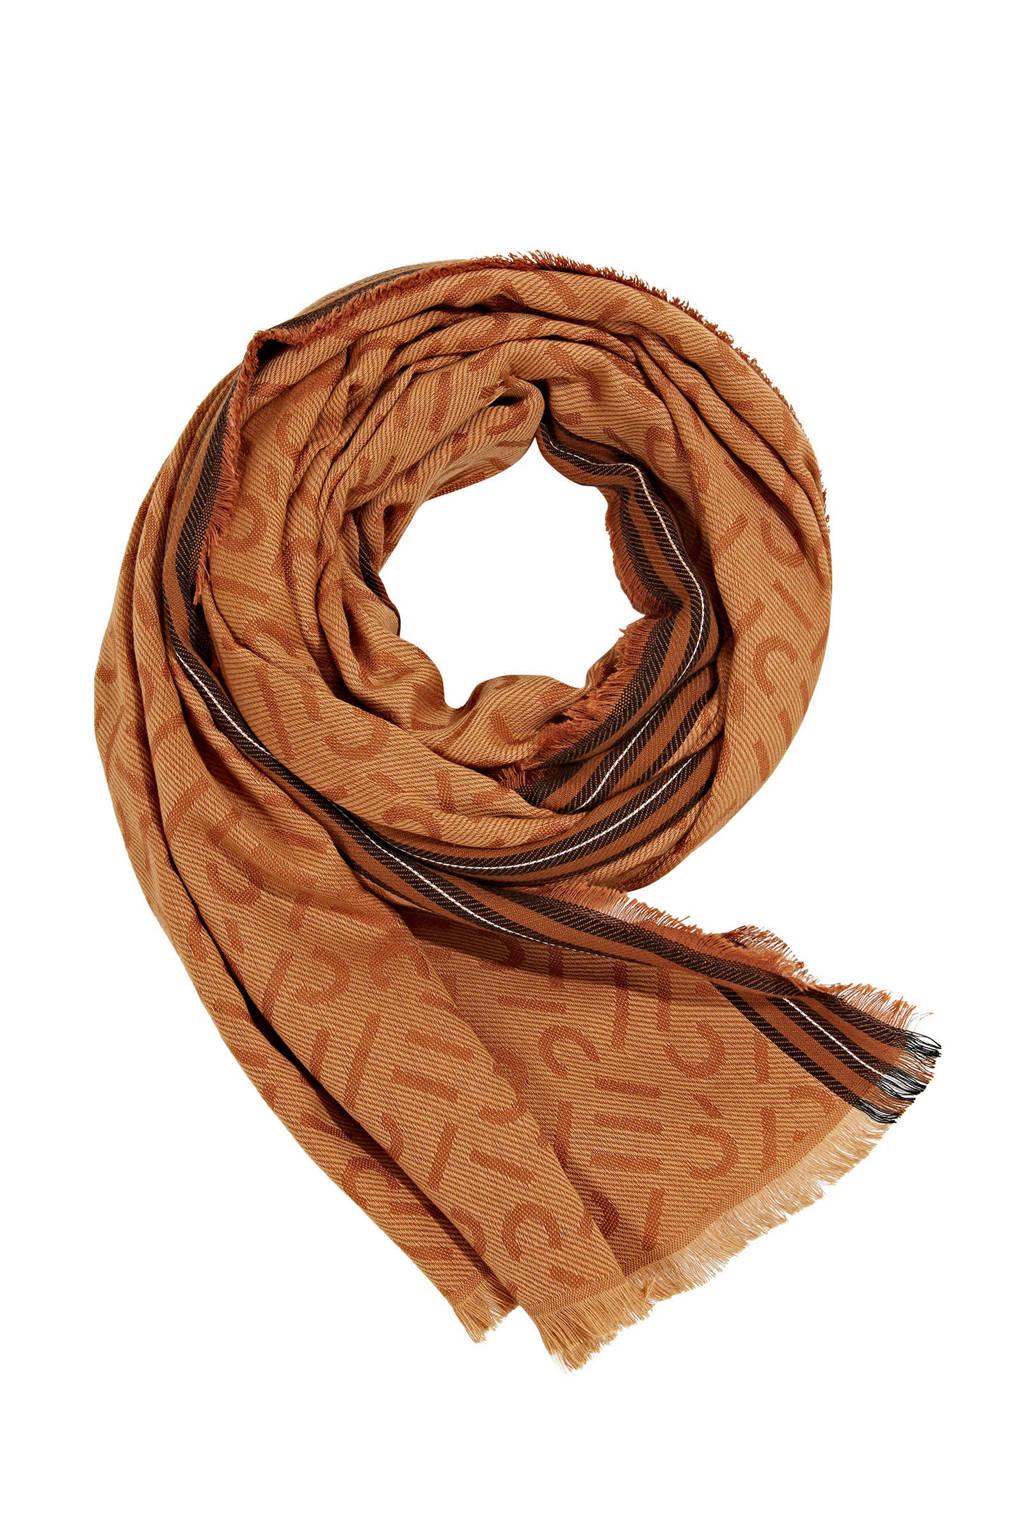 ESPRIT sjaal met all-over print camel, Camel